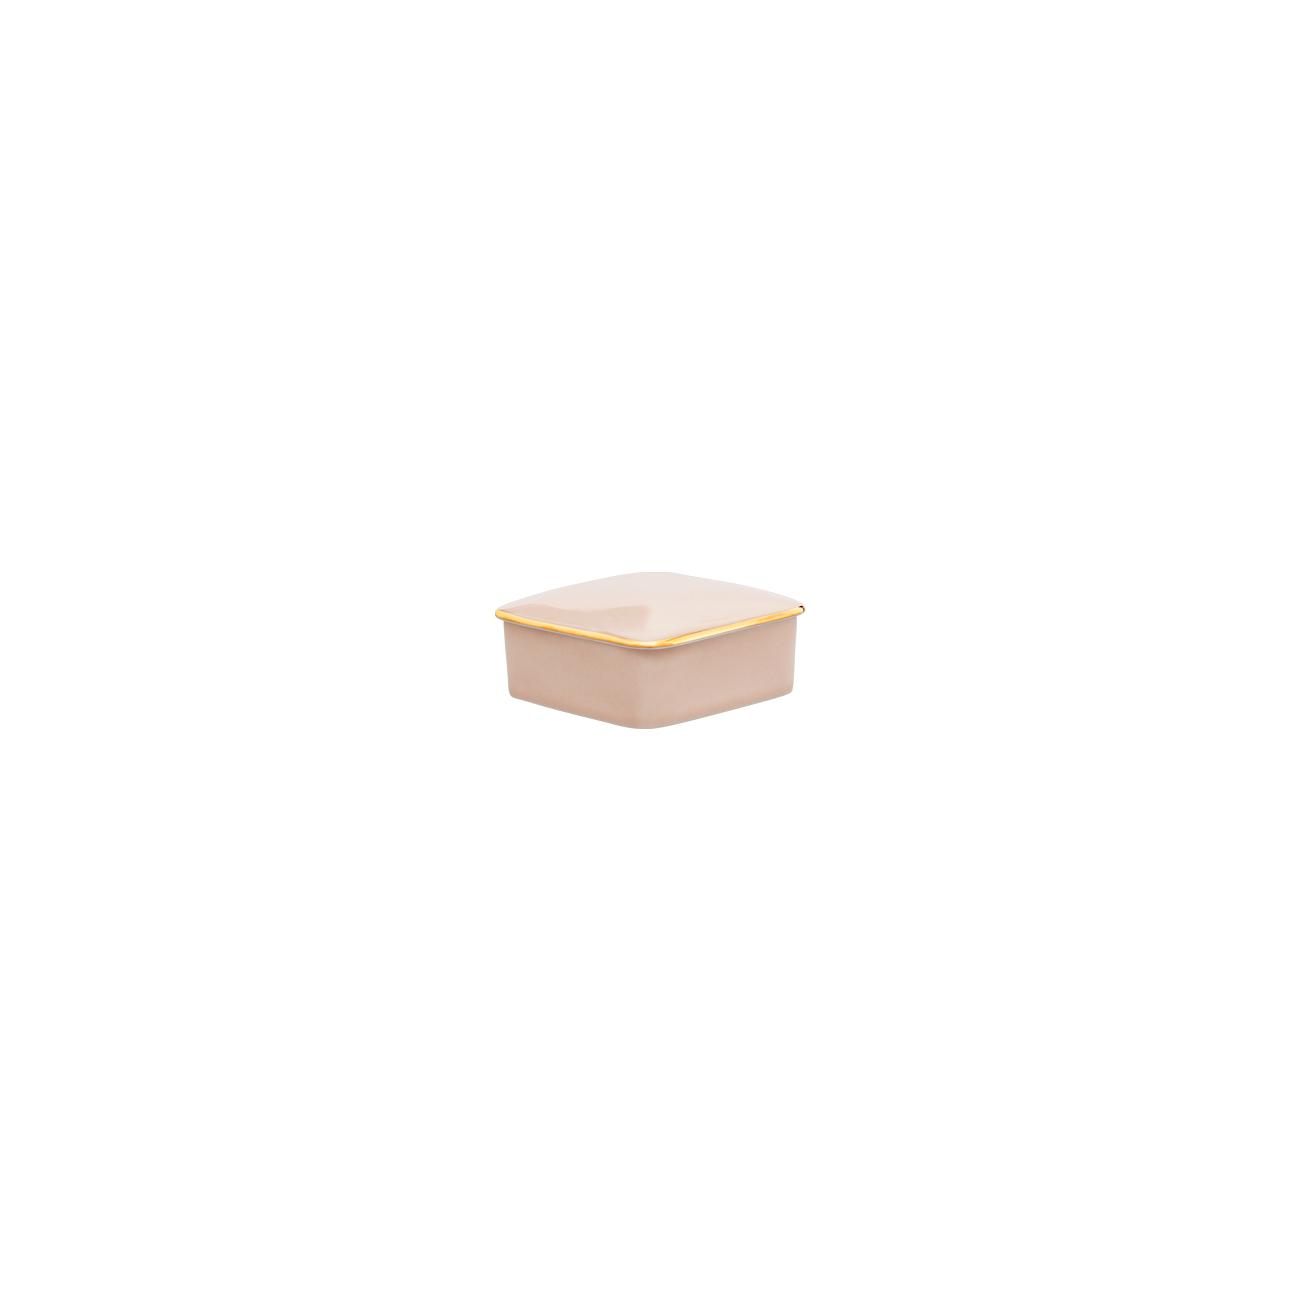 Caixa Quadrada 8,5cm Lusa 0